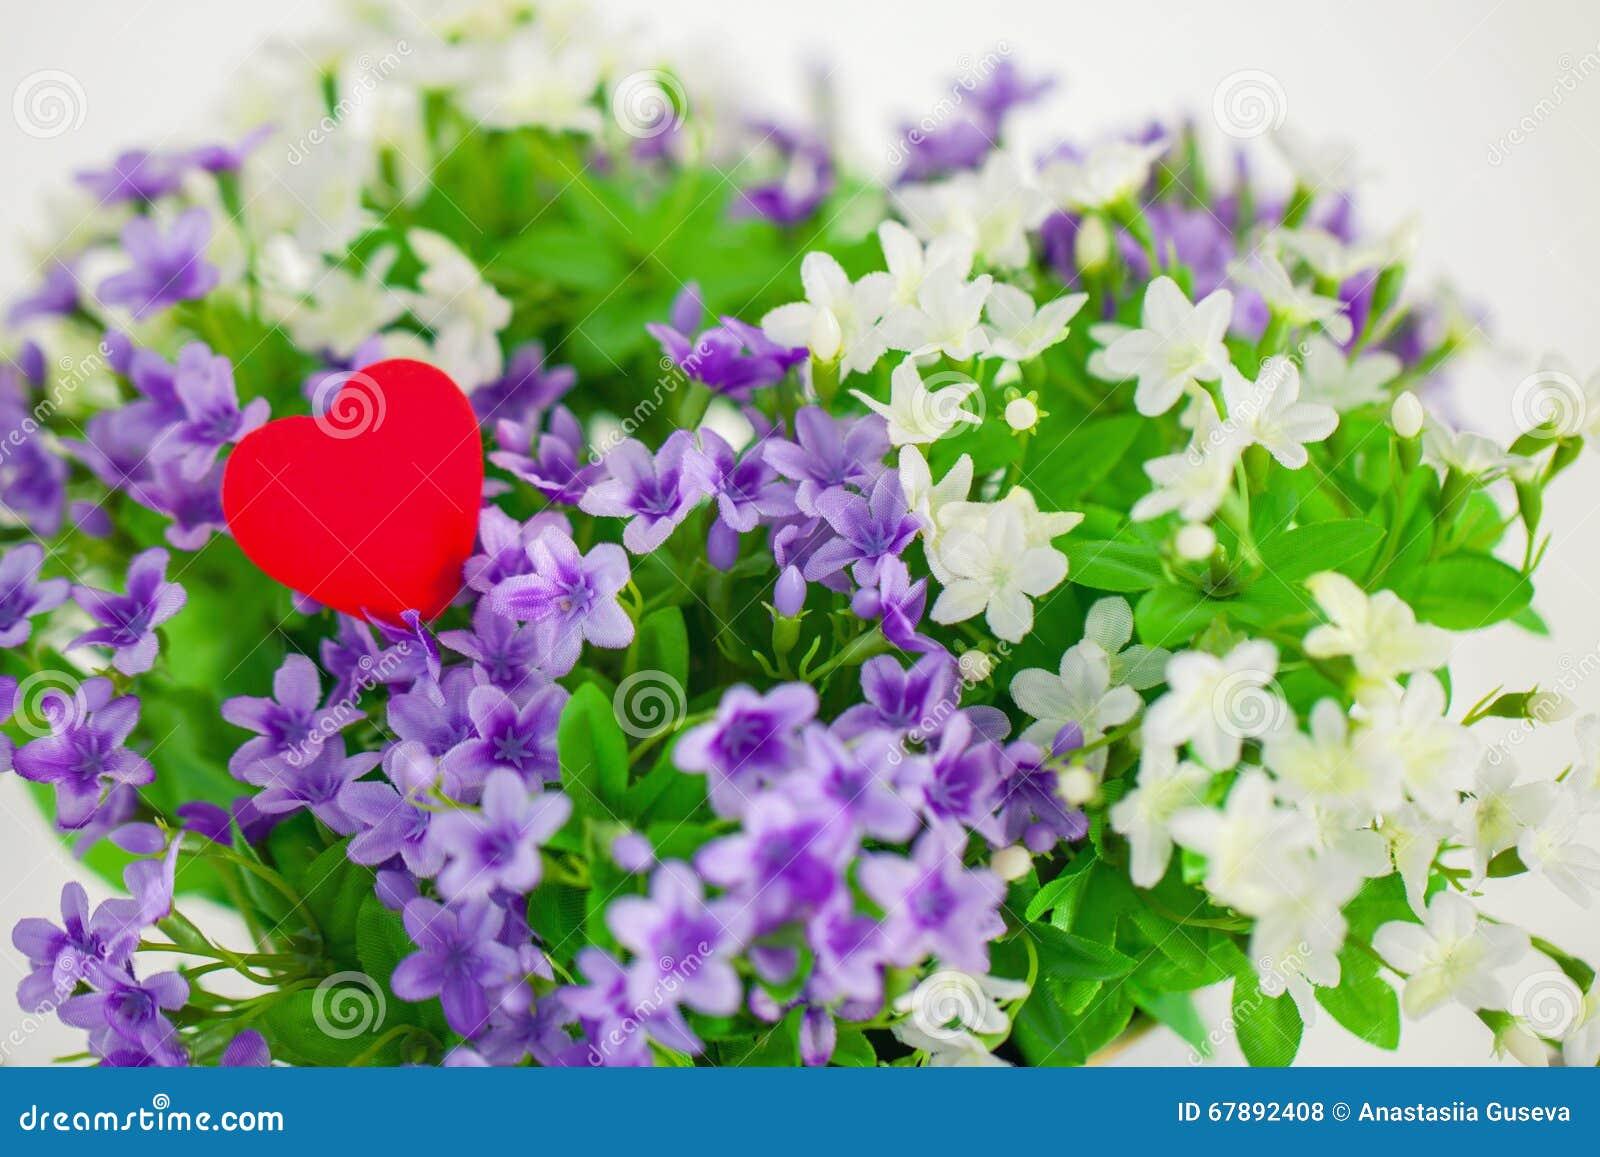 Καρδιά, σύμβολο της αγάπης στα μικρά λουλούδια ανθοδεσμών